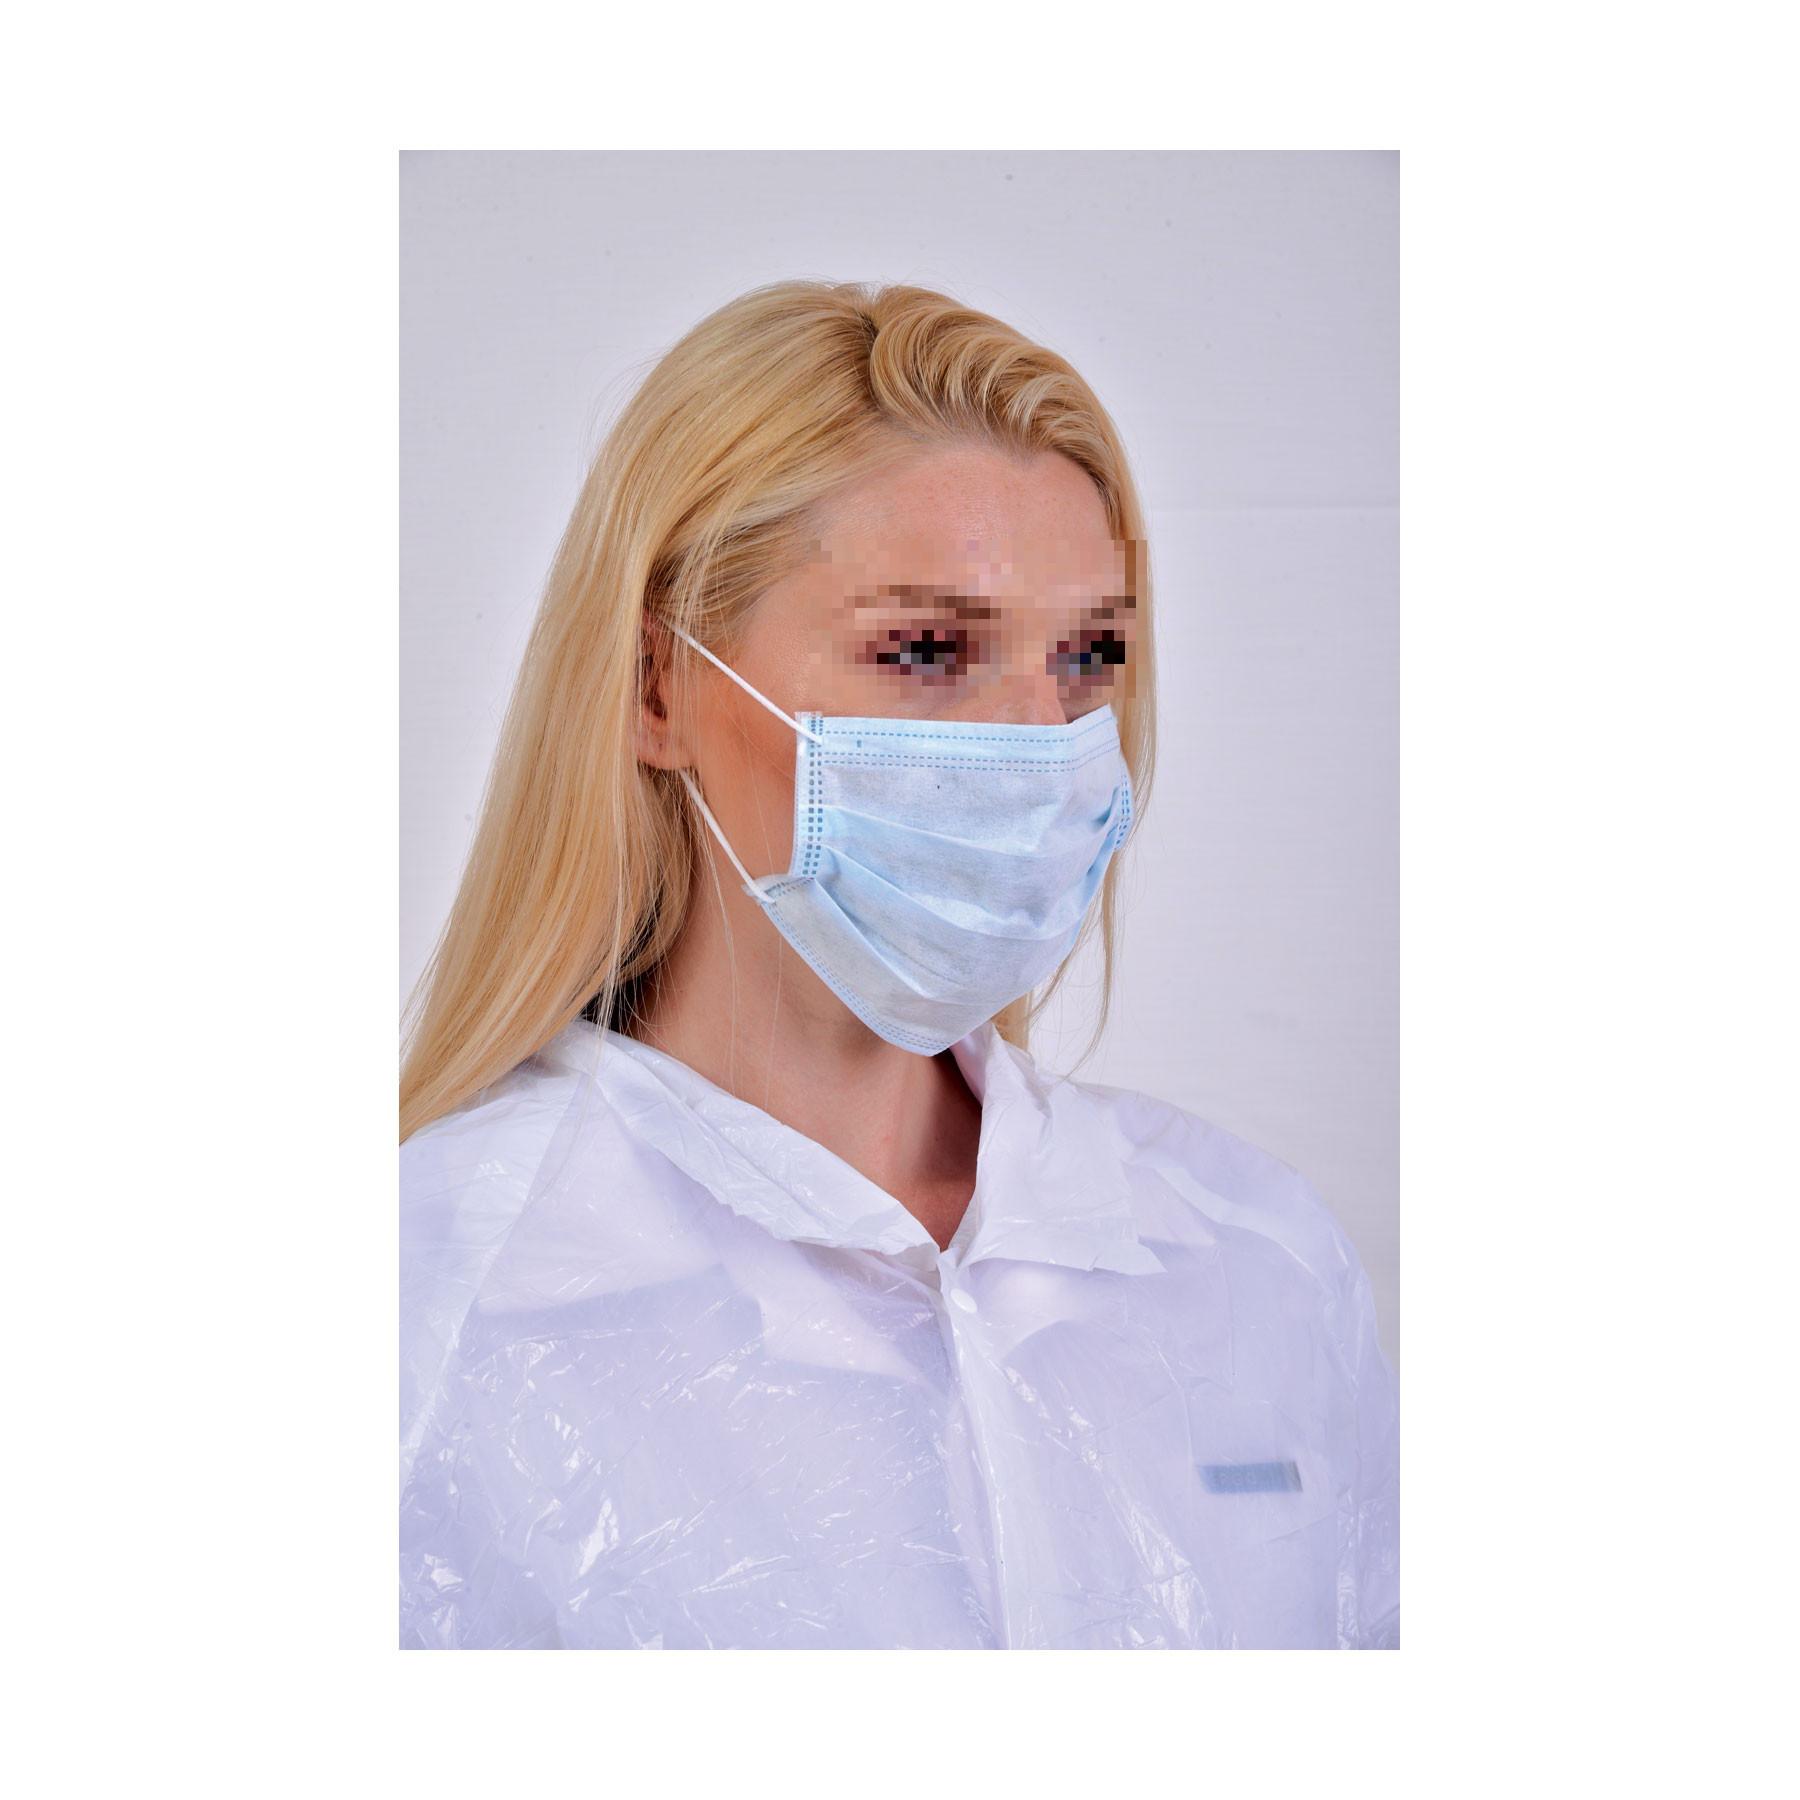 Μάσκα χειρουργική μίας χρήσης